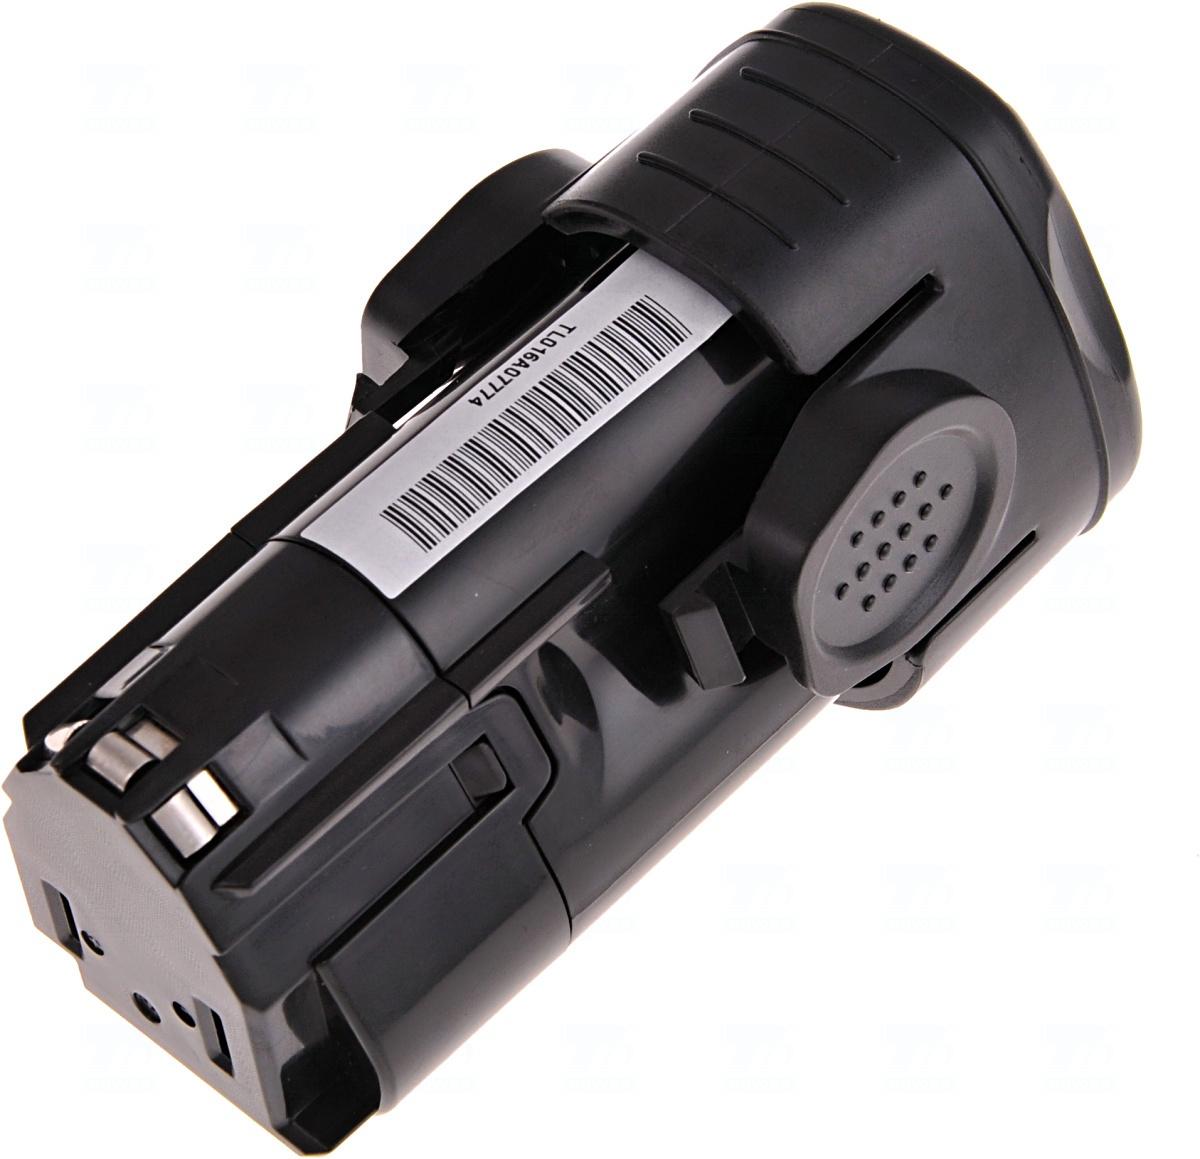 Baterie T6 power BL1310, BL1110, BL1510, LB12, LBX12